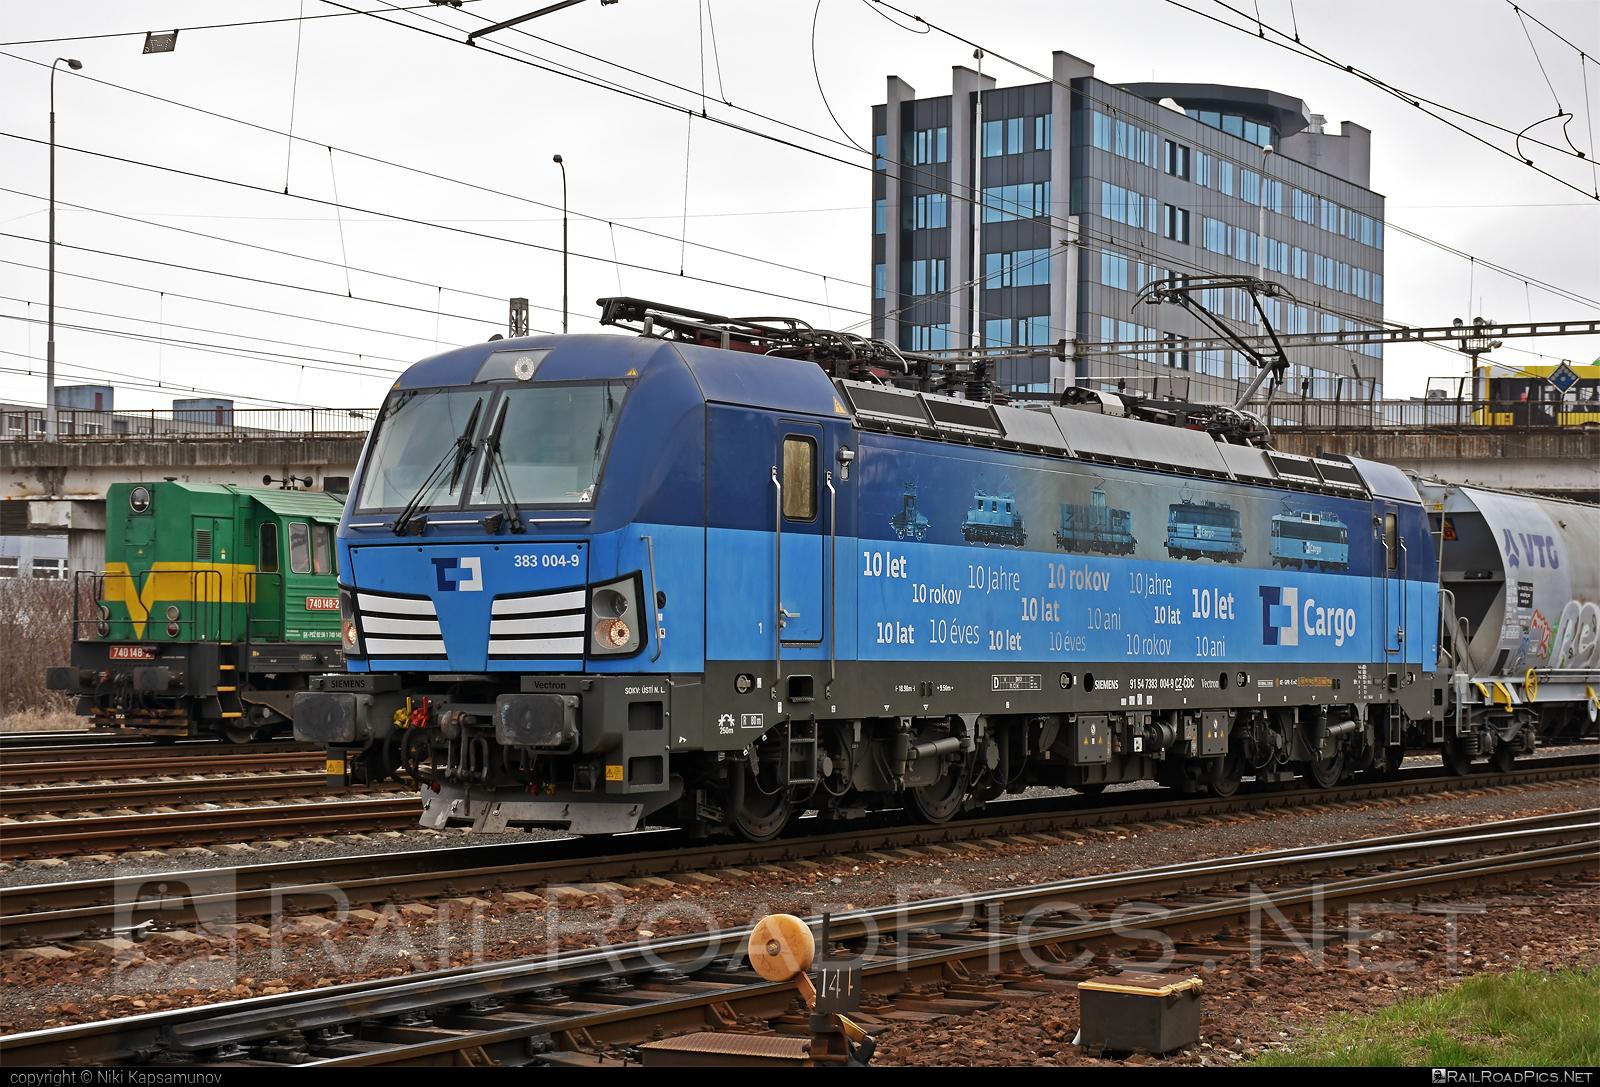 Siemens Vectron MS - 383 004-9 operated by Železničná Spoločnost' Cargo Slovakia a.s. #ZeleznicnaSpolocnostCargoSlovakia #cdcargo #siemens #siemensvectron #siemensvectronms #vectron #vectronms #zsskcargo